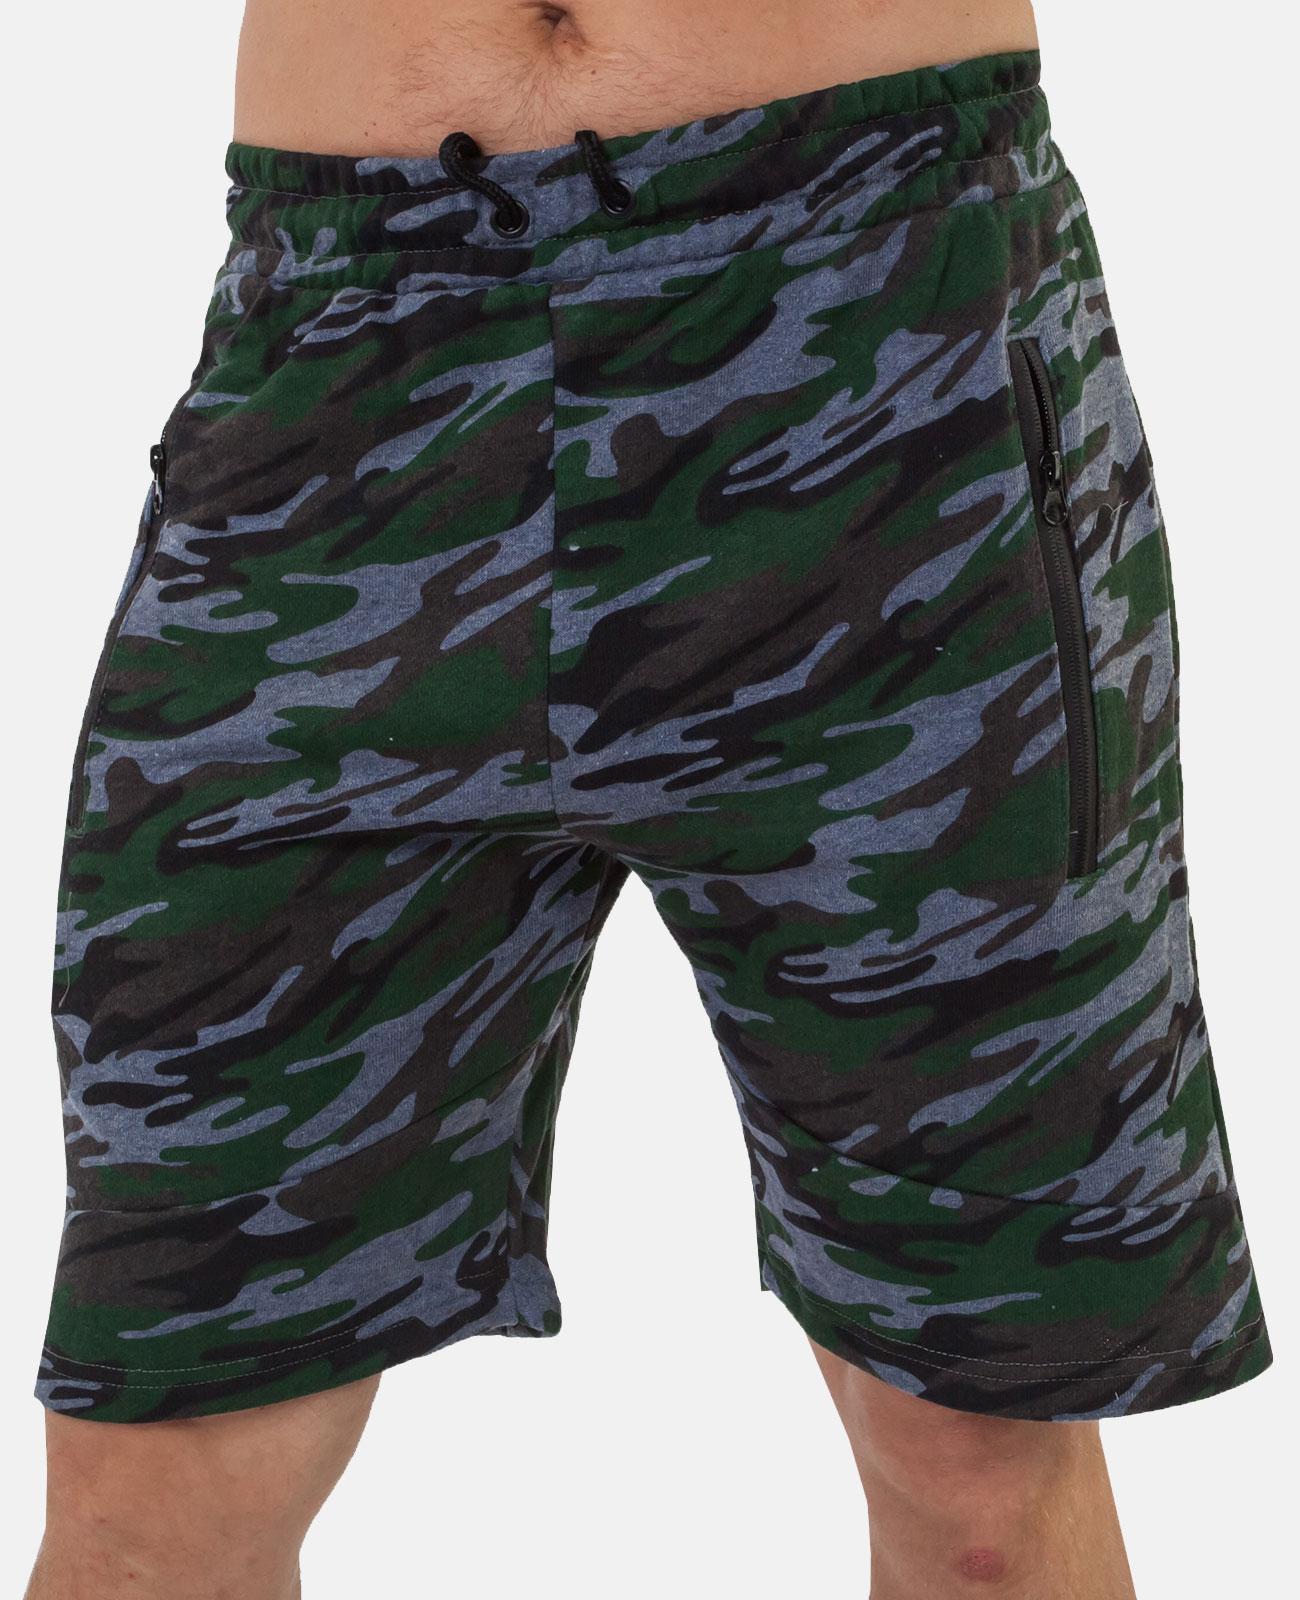 Камуфляжные мужские шорты до колен – недорого, удобно и с быстрой доставкой